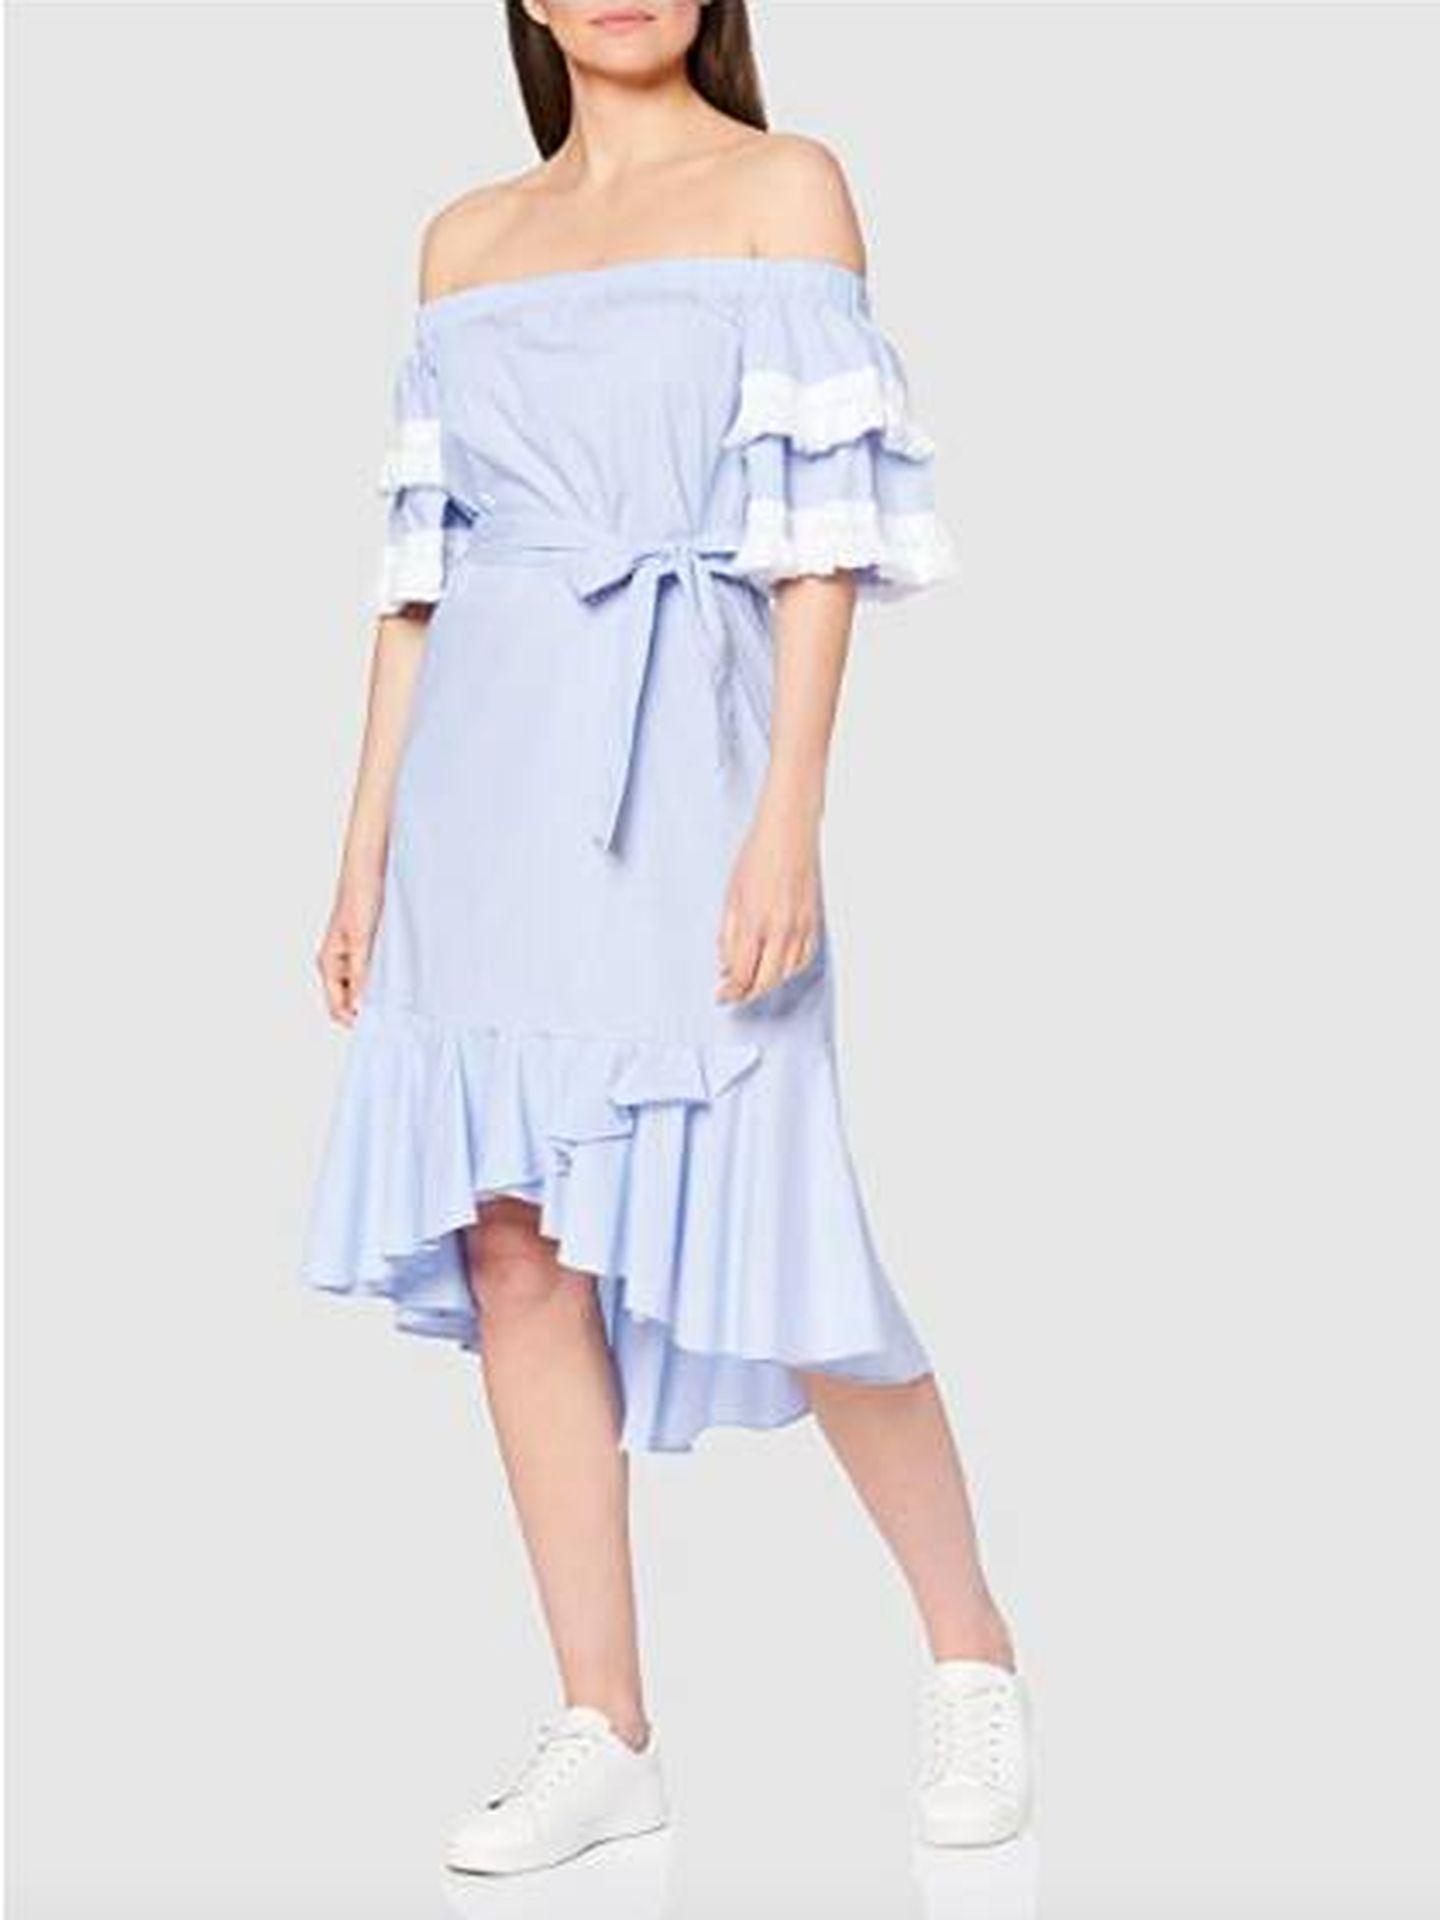 Vestido de Koton. (Cortesía)